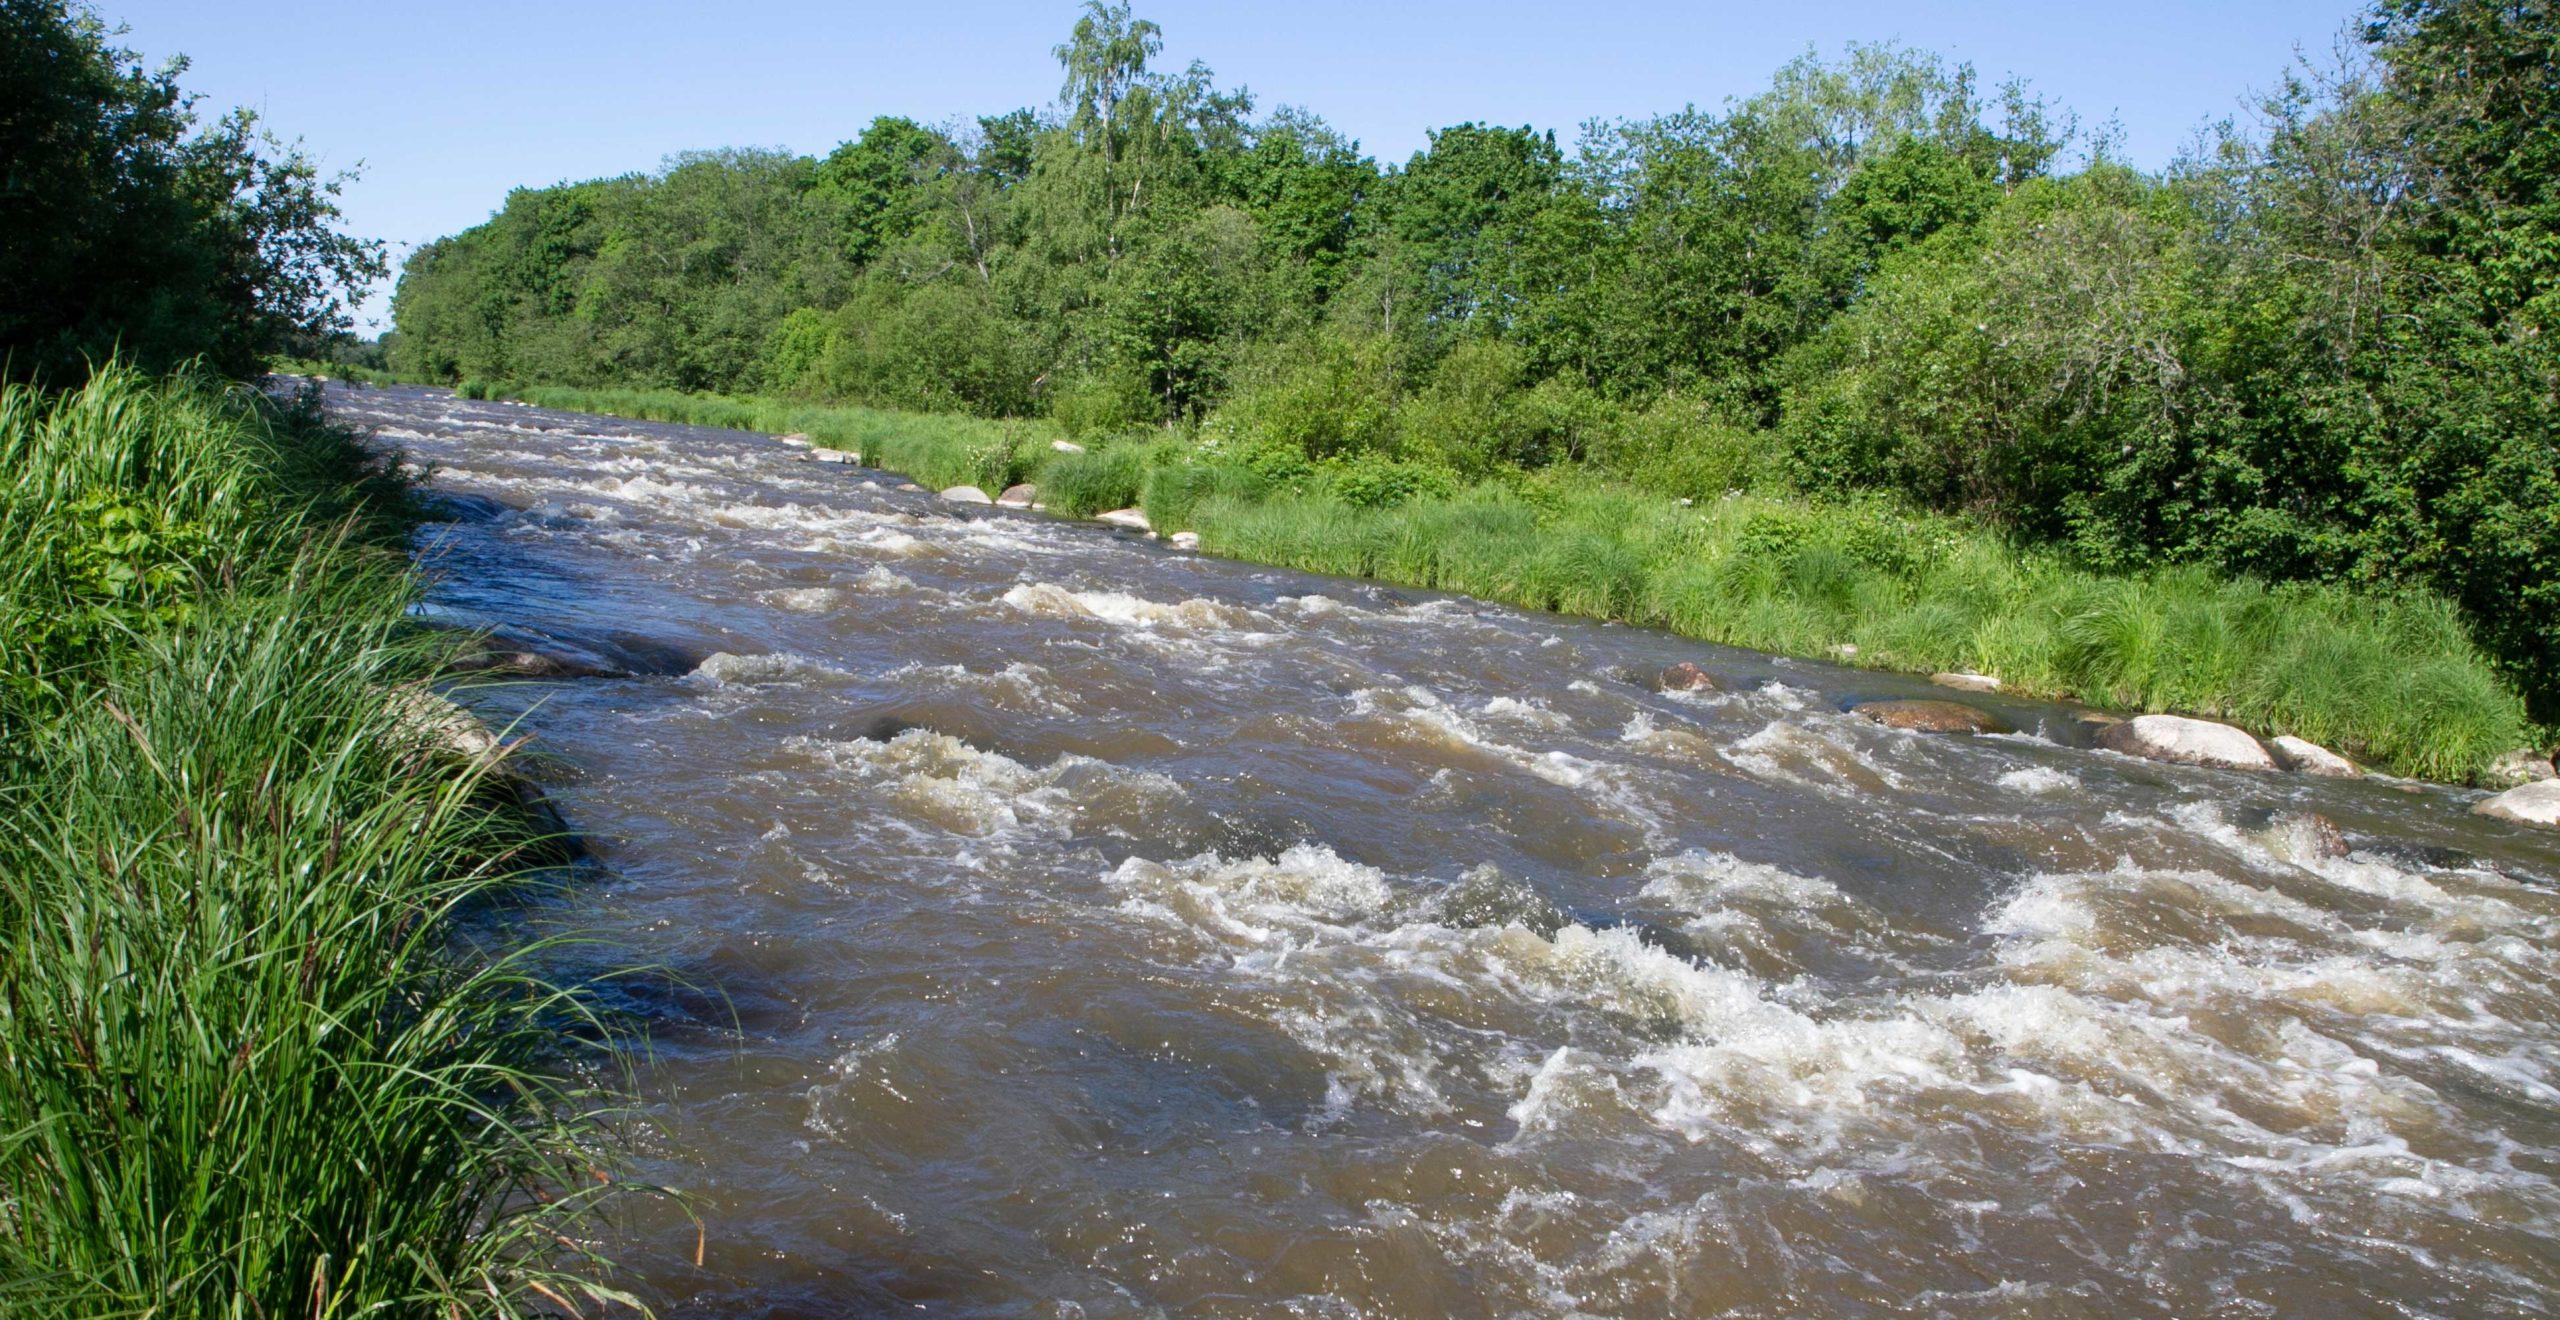 Haltialan kohdalla Vantaanjoessa on Ruutinkoski. Koski on 300 metriä pitkä. Vesi putoaa koskessa kolme metriä. Veden pinta on siis kosken jälkeen kolme metriä alempana kuin ennen koskea.